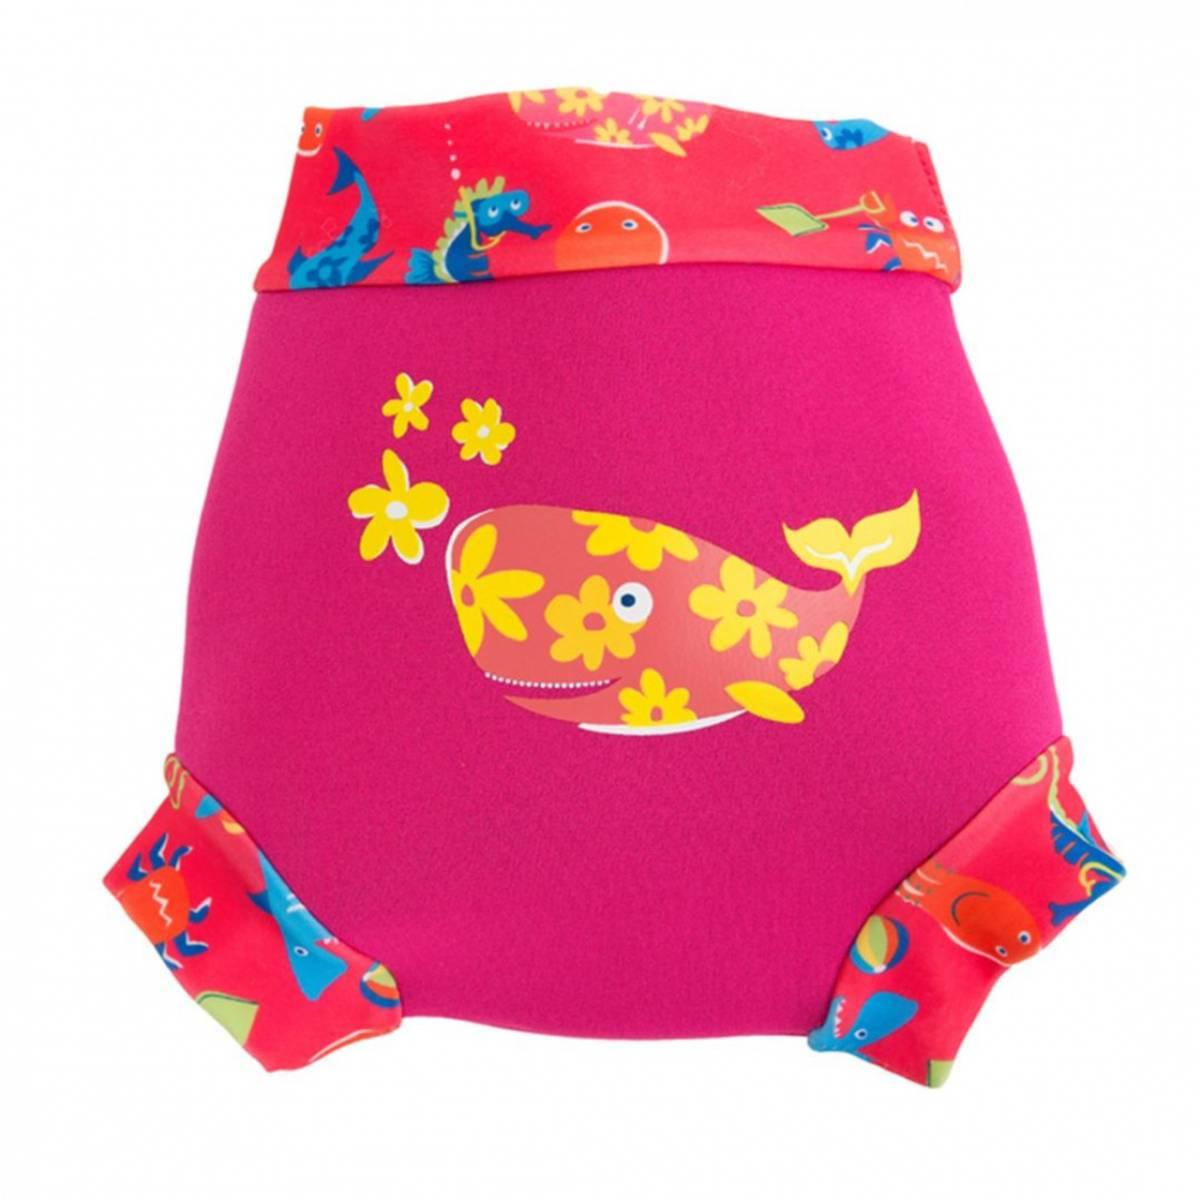 Konfidence Svømmebukse til Baby   Joni   Small